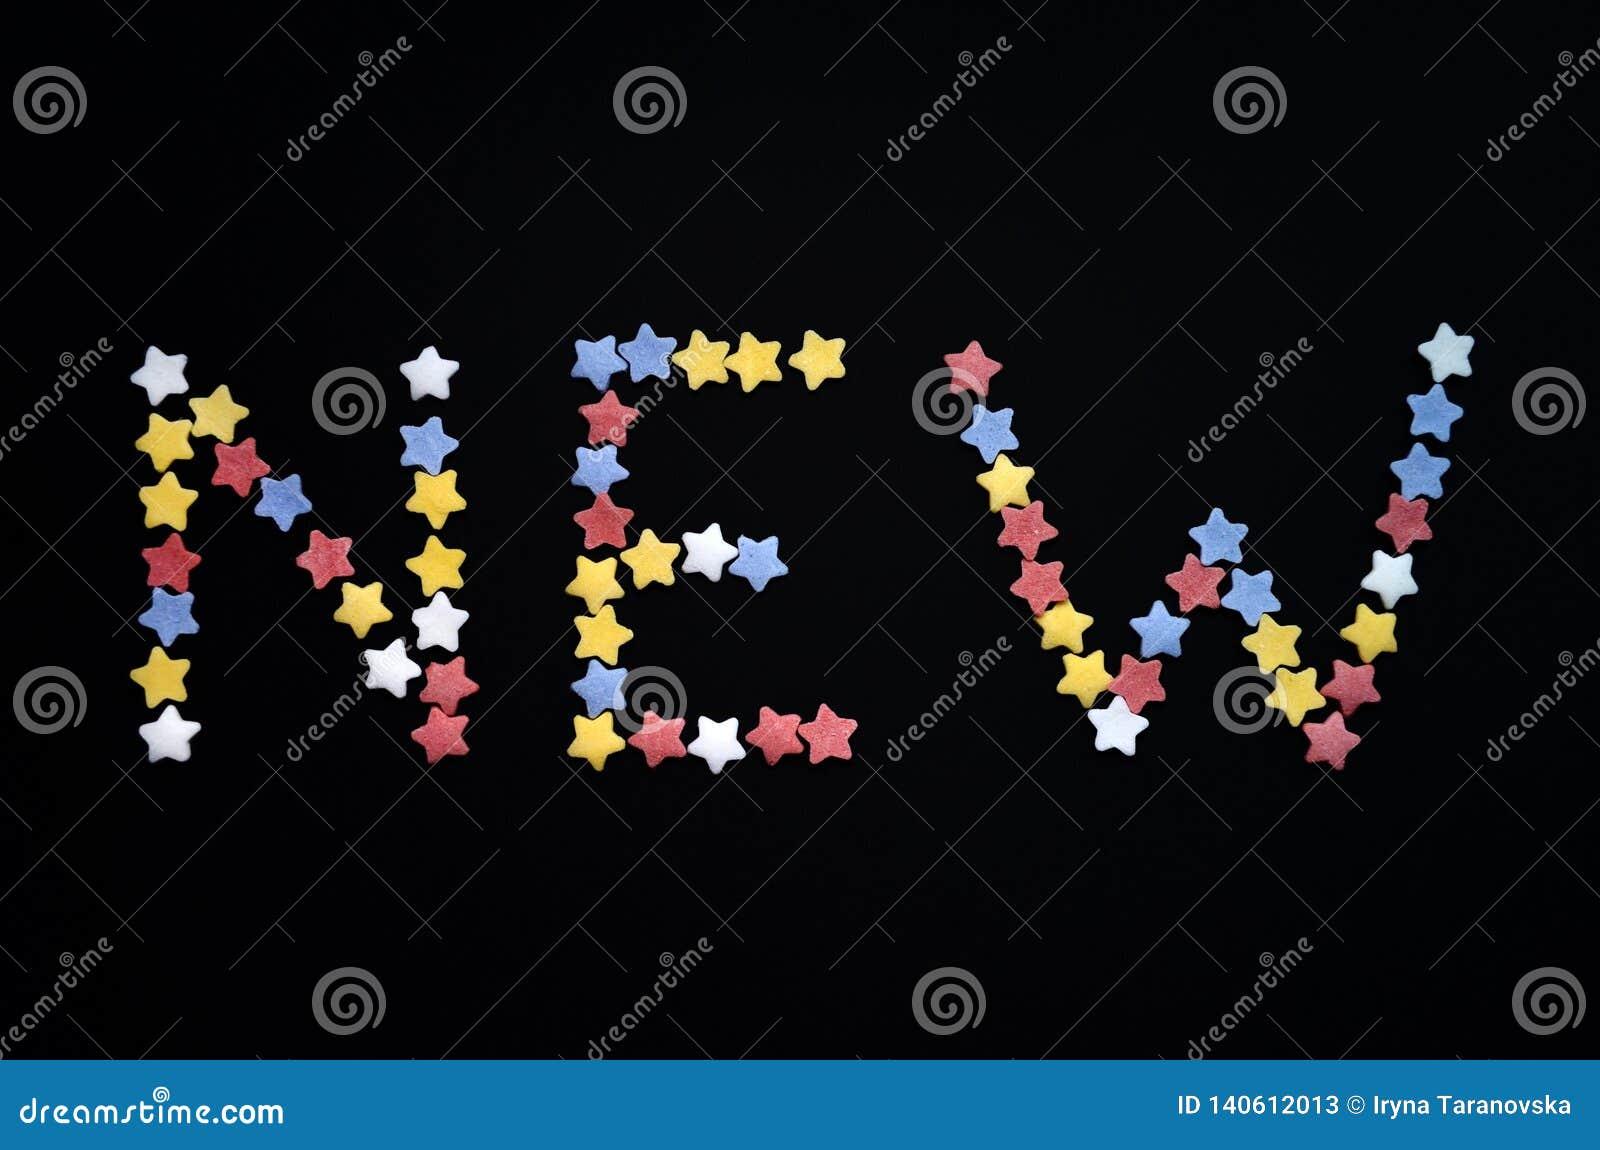 Η λέξη νέα γράφεται στον παχύ τύπο αστεριών ζύμης ζάχαρης σε ένα μαύρο υπόβαθρο, για, διαφήμιση, εμπόριο, πωλήσεις